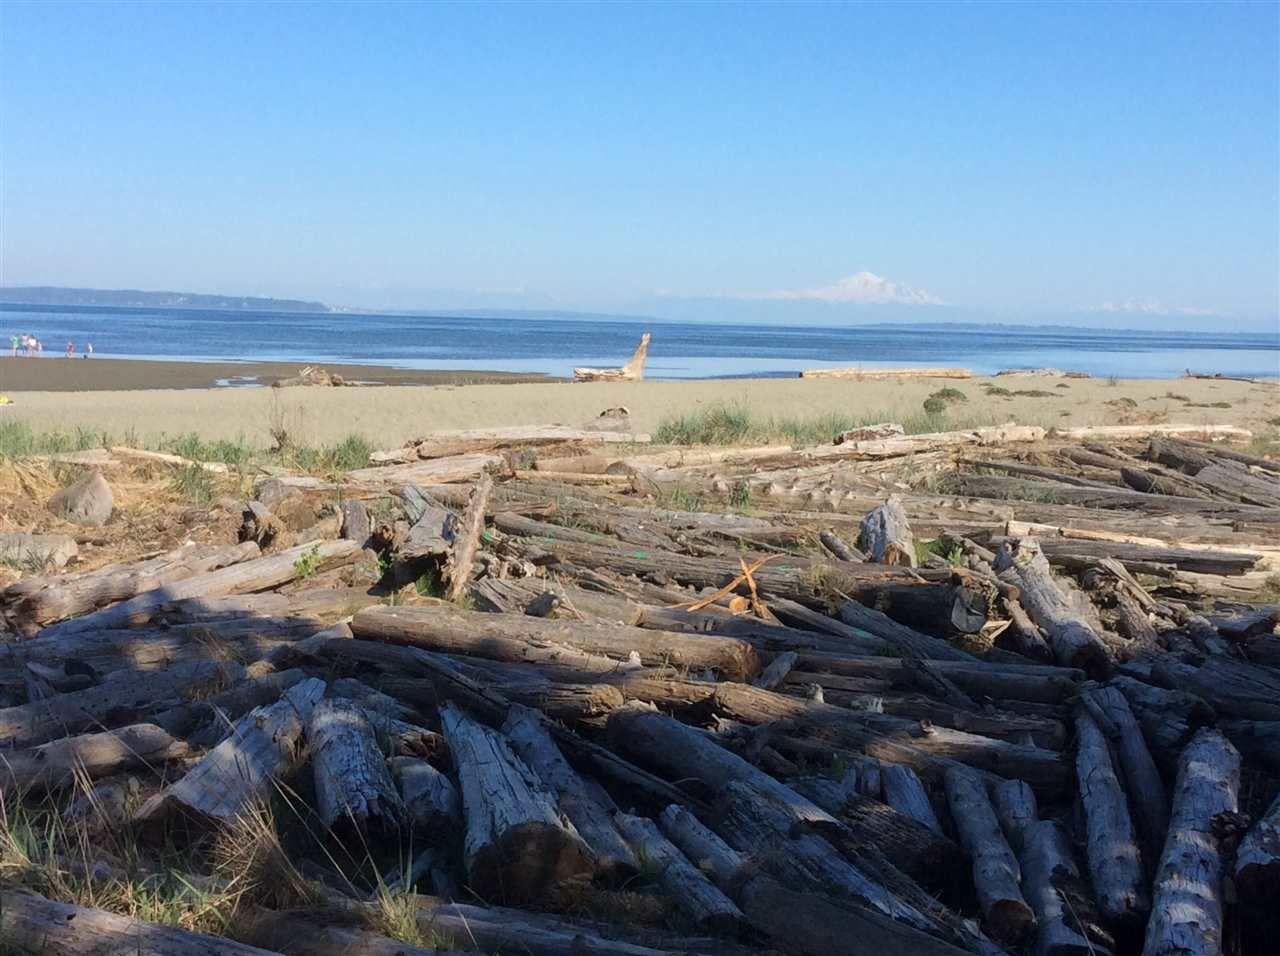 Main Photo: 1348 BEACH GROVE Road in Delta: Beach Grove House for sale (Tsawwassen)  : MLS®# R2250600